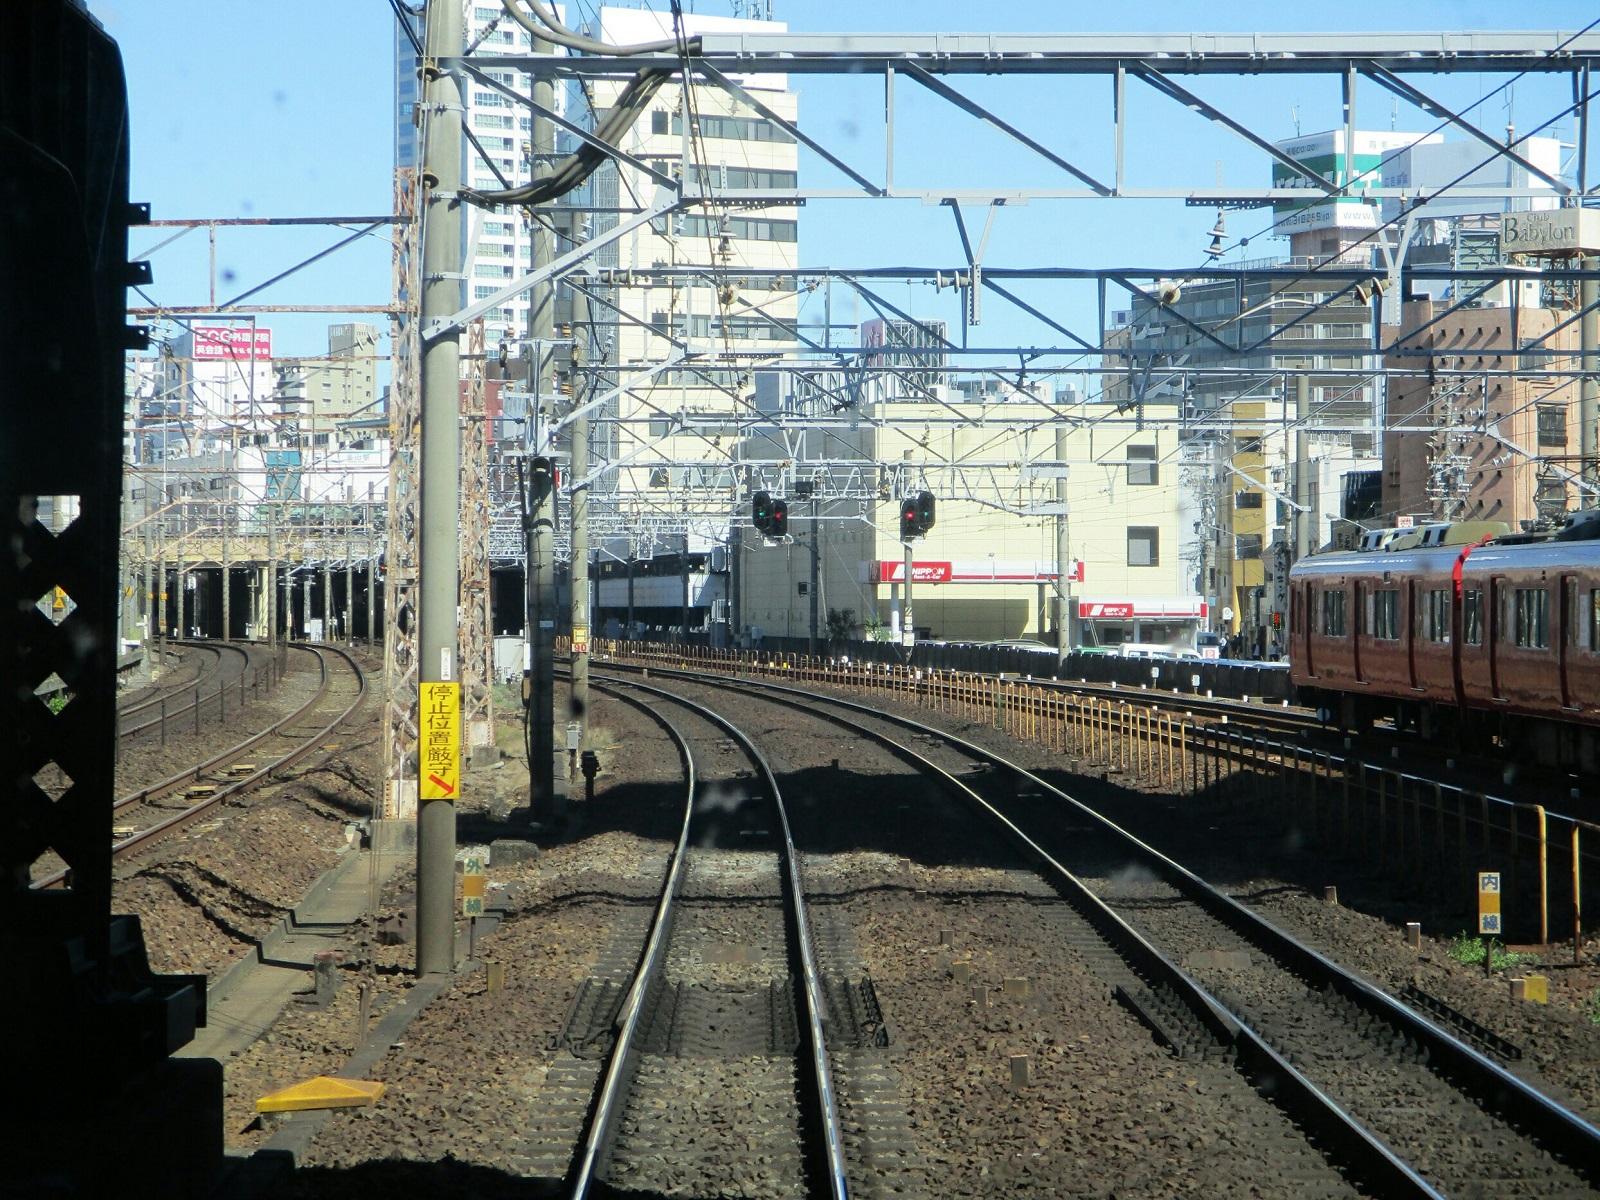 2018.8.9 (30) 須ヶ口いき特急 - 金山てまえ(東岡崎いきふつう) 1600-1200